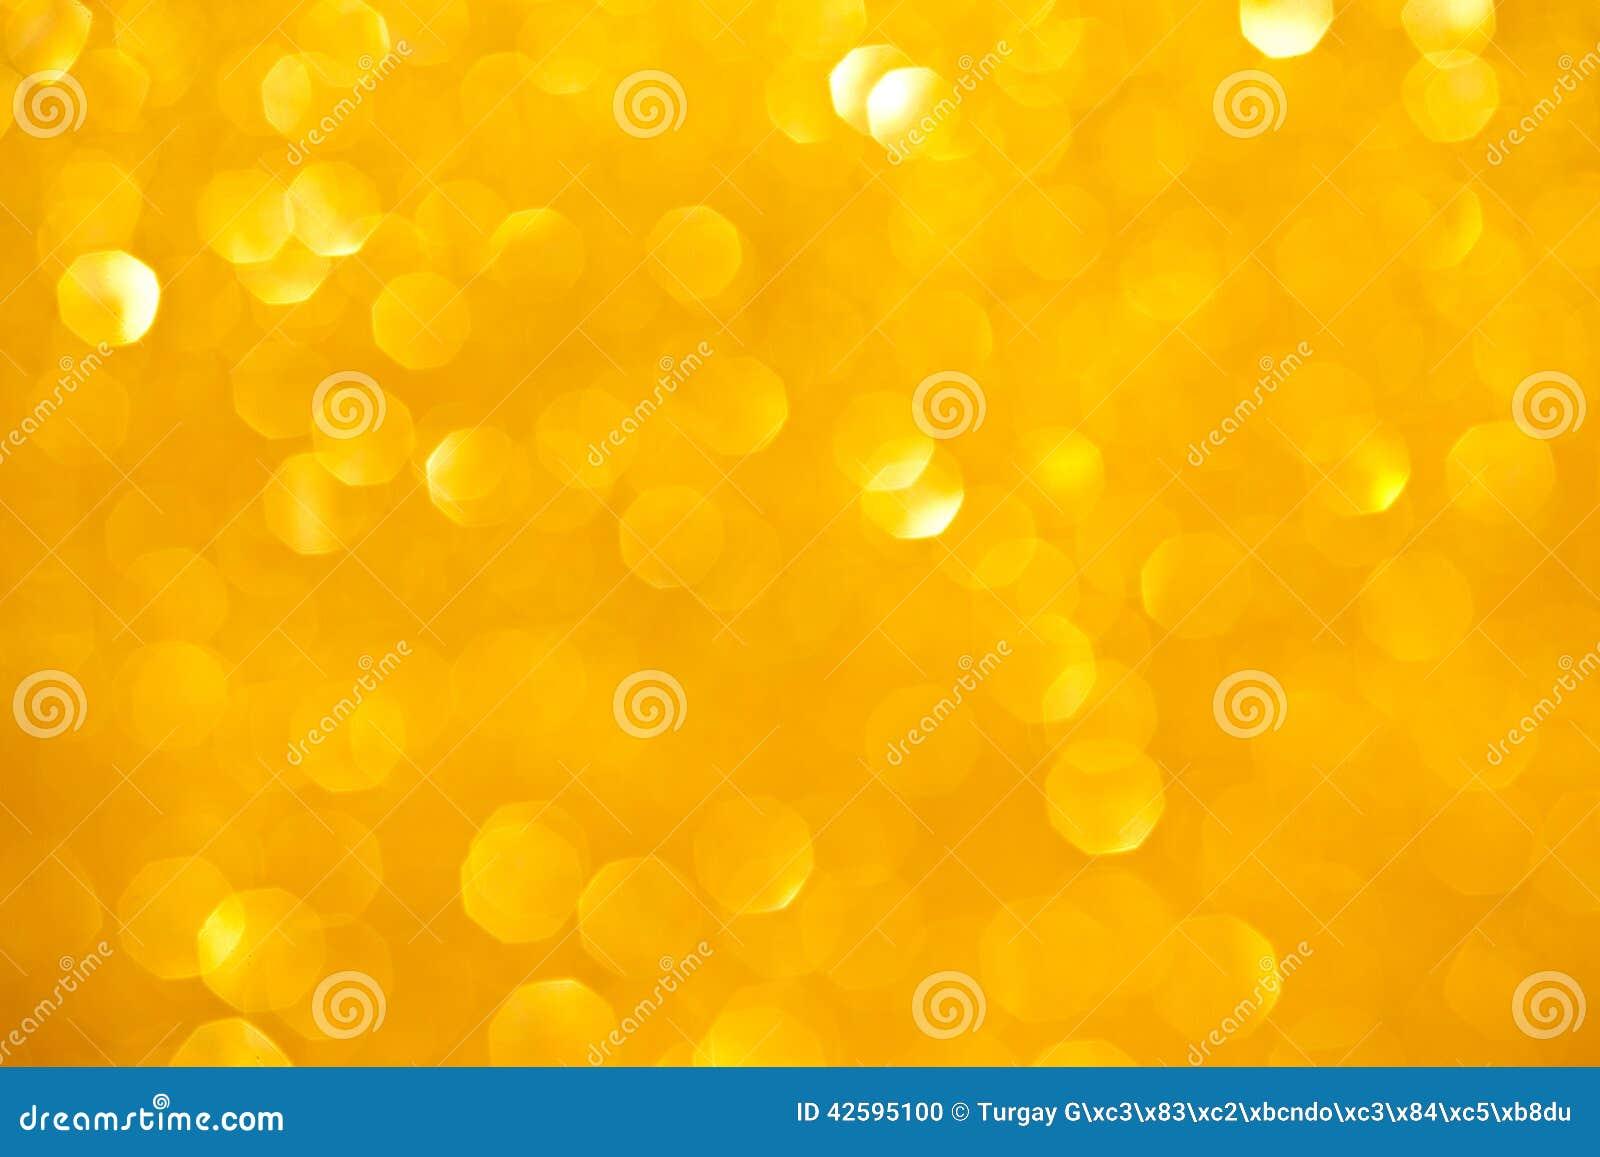 桔子闪耀背景 库存照片 - 图片: 42595100图片